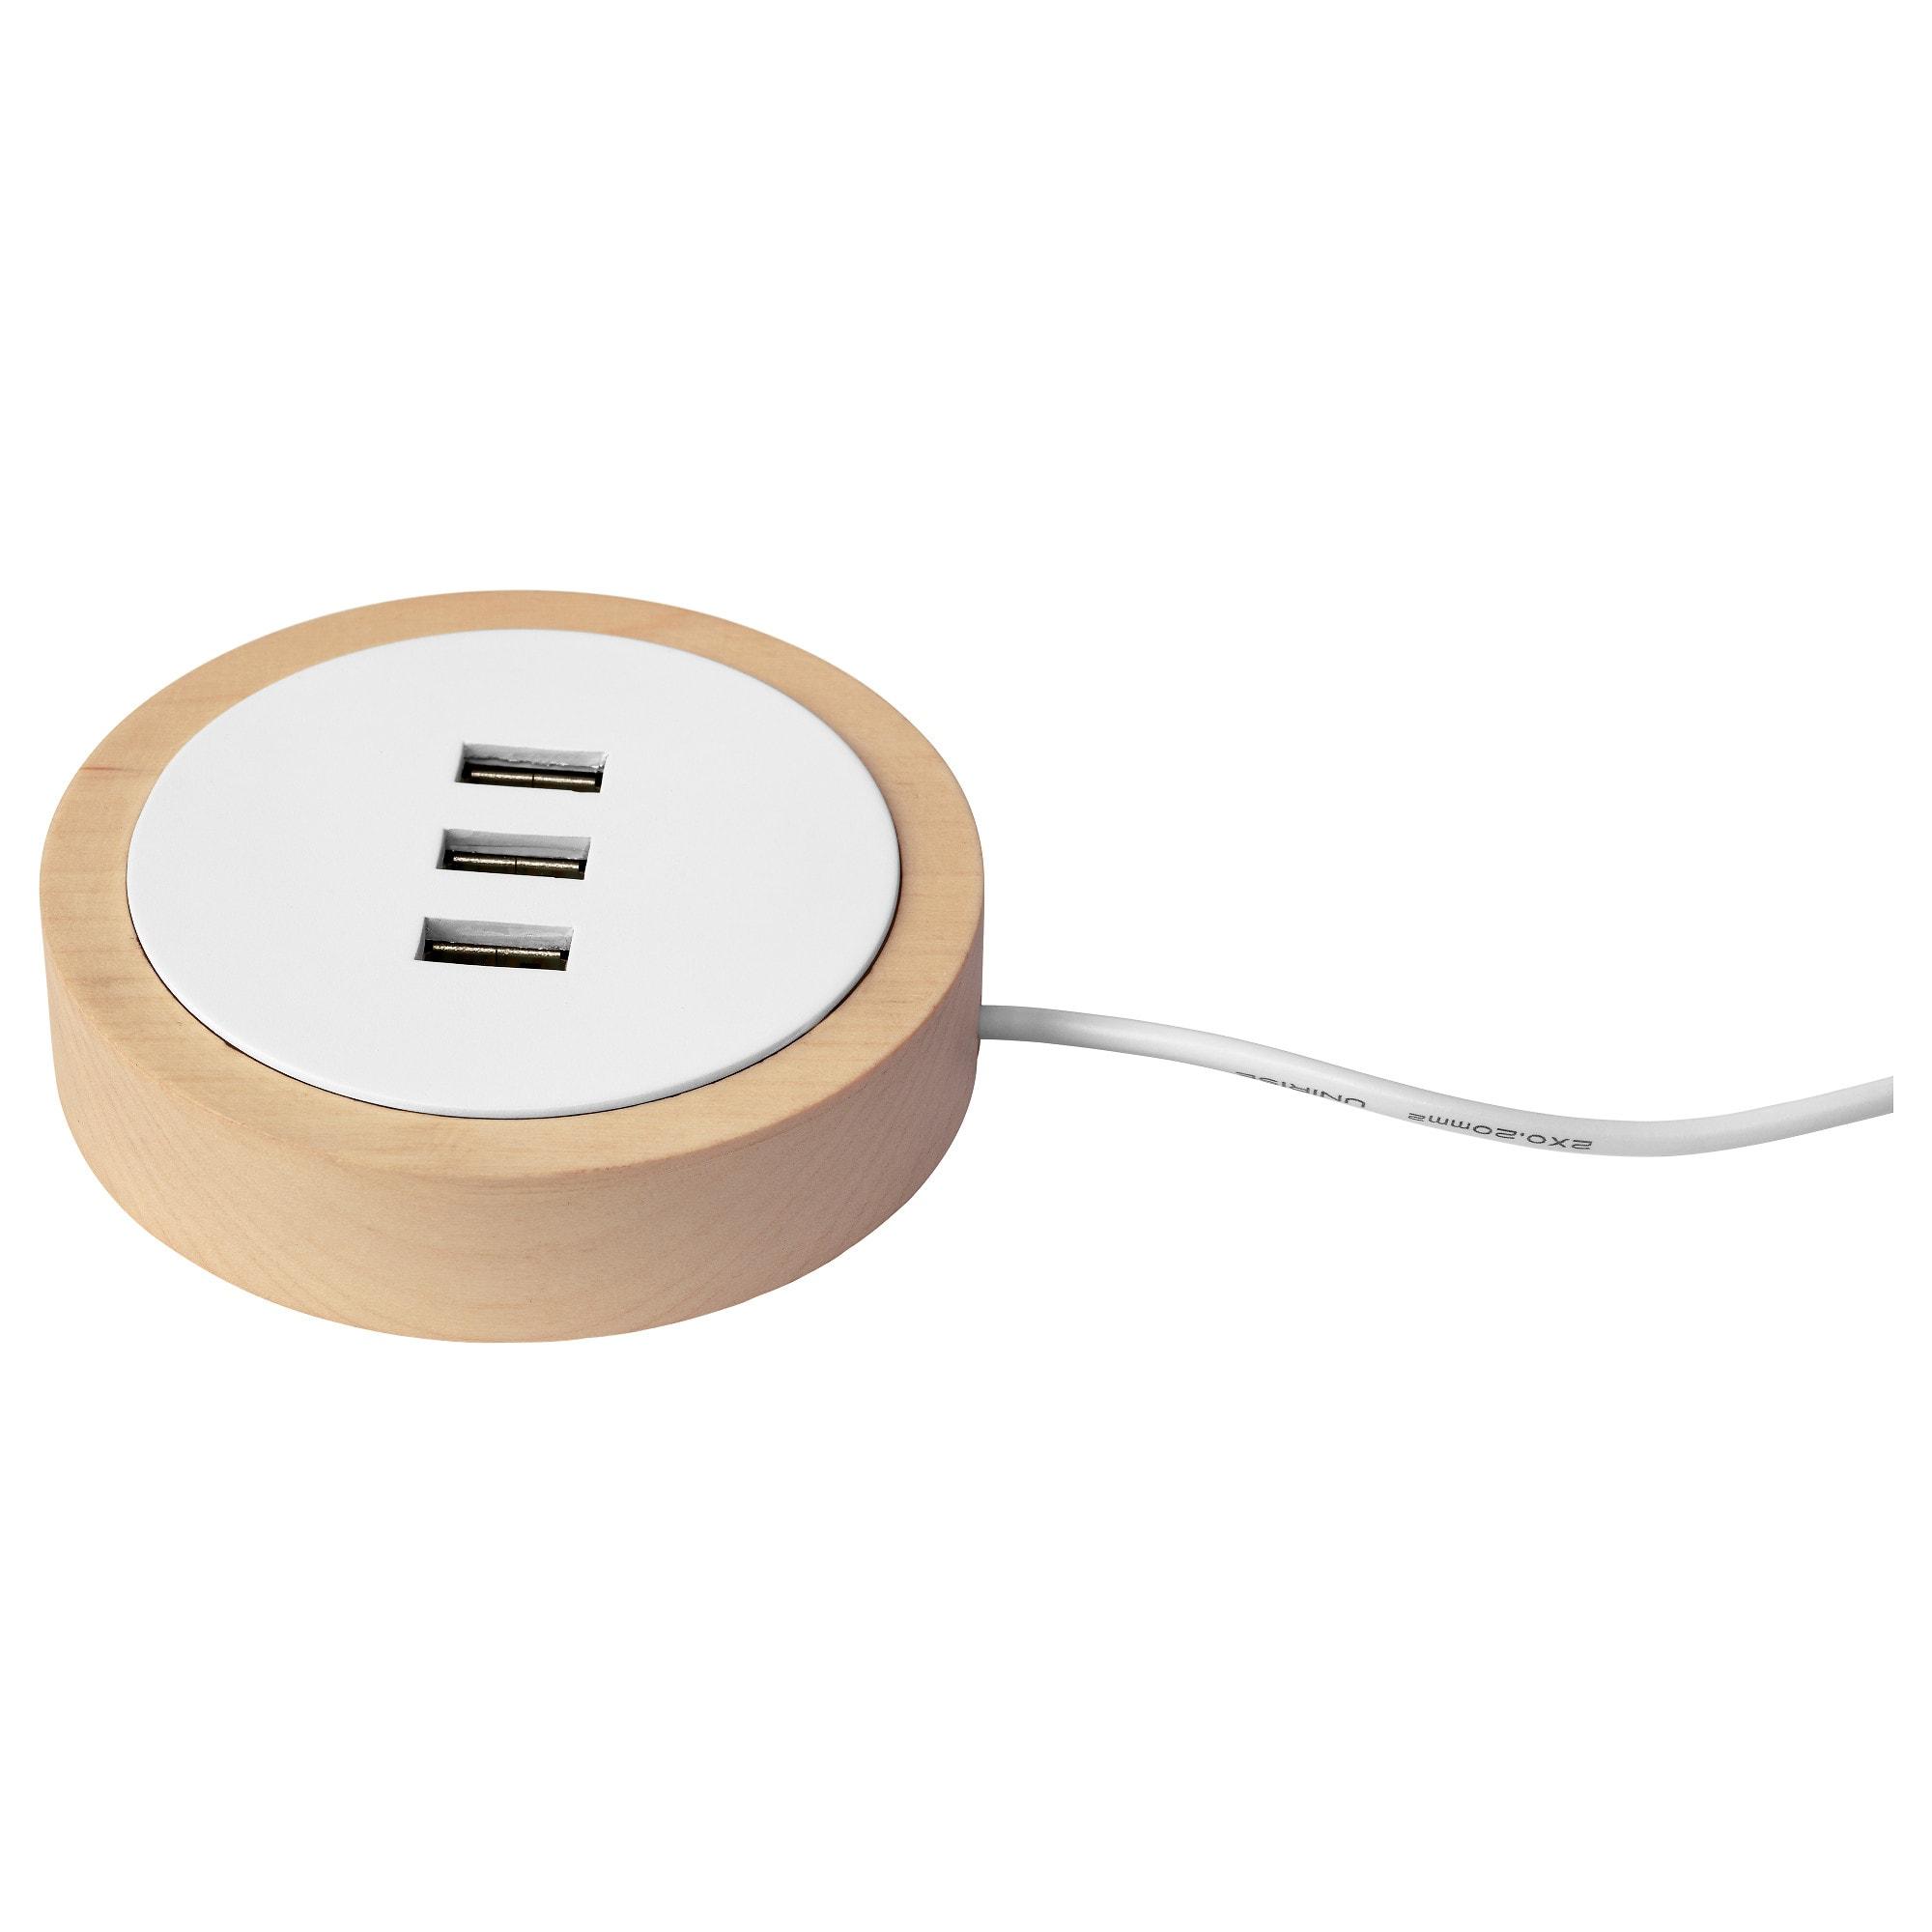 Зарядное устройство USB НУРДМЭРКЕ белый артикуль № 003.820.37 в наличии. Online каталог IKEA Беларусь. Быстрая доставка и монтаж.